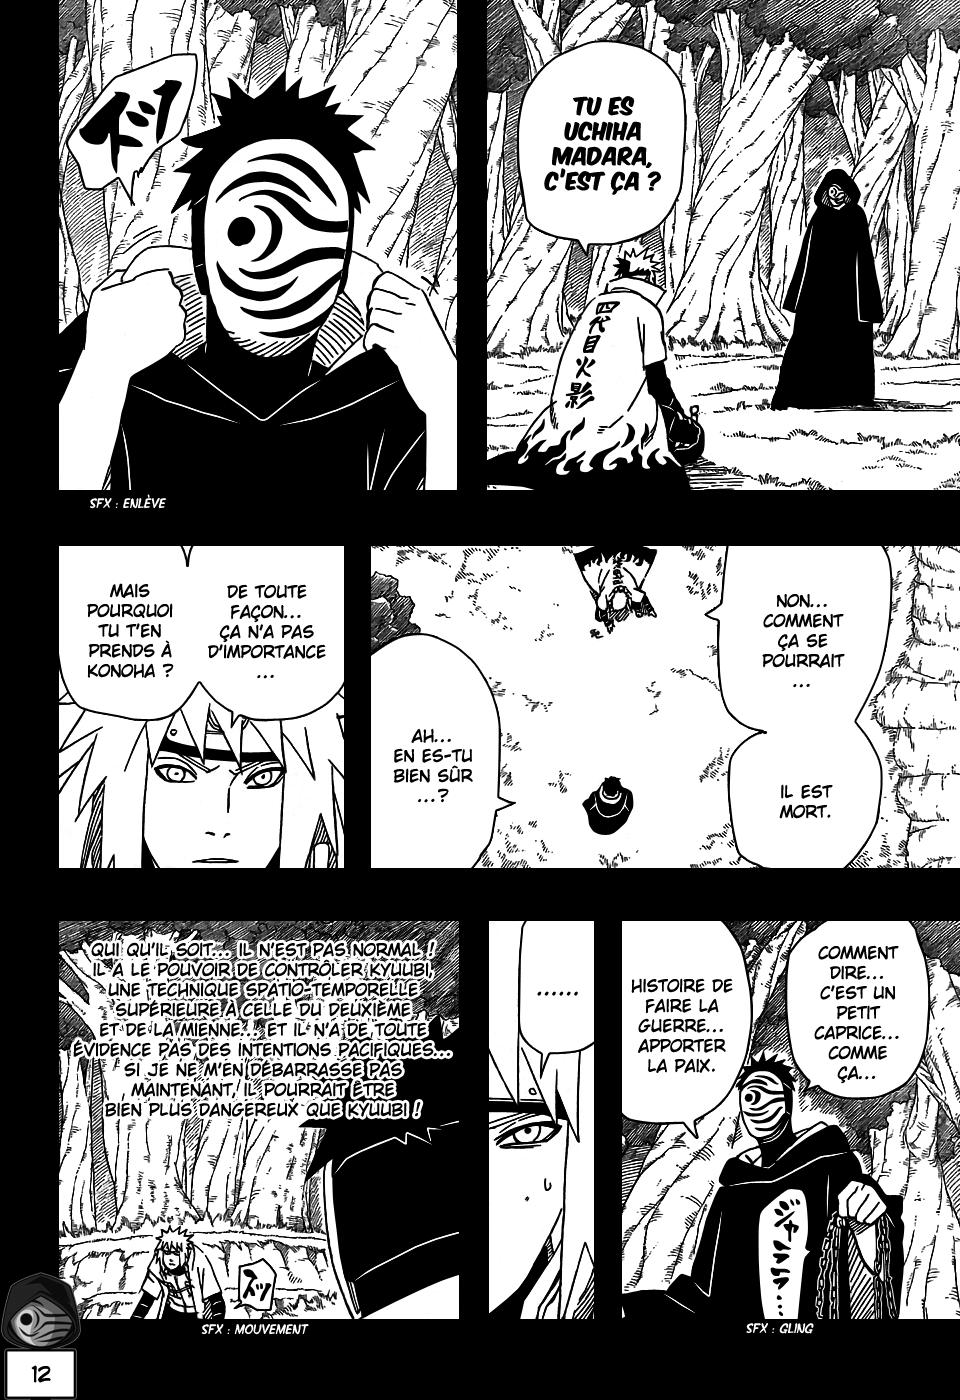 Naruto chapitre 502 - Page 11